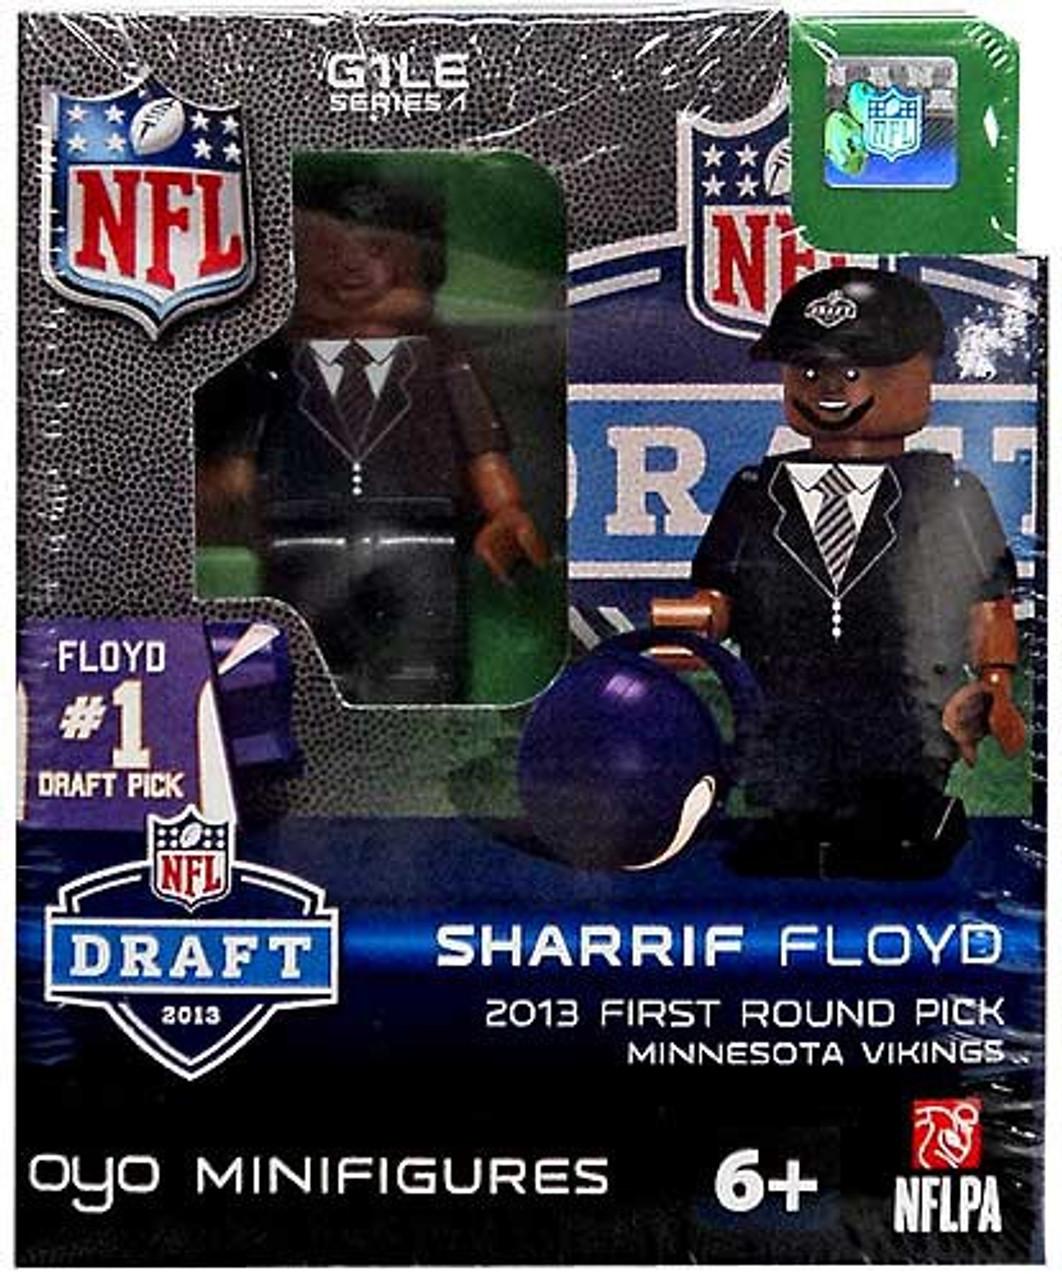 Minnesota Vikings NFL 2013 Draft First Round Picks Sharrif Floyd Minifigure